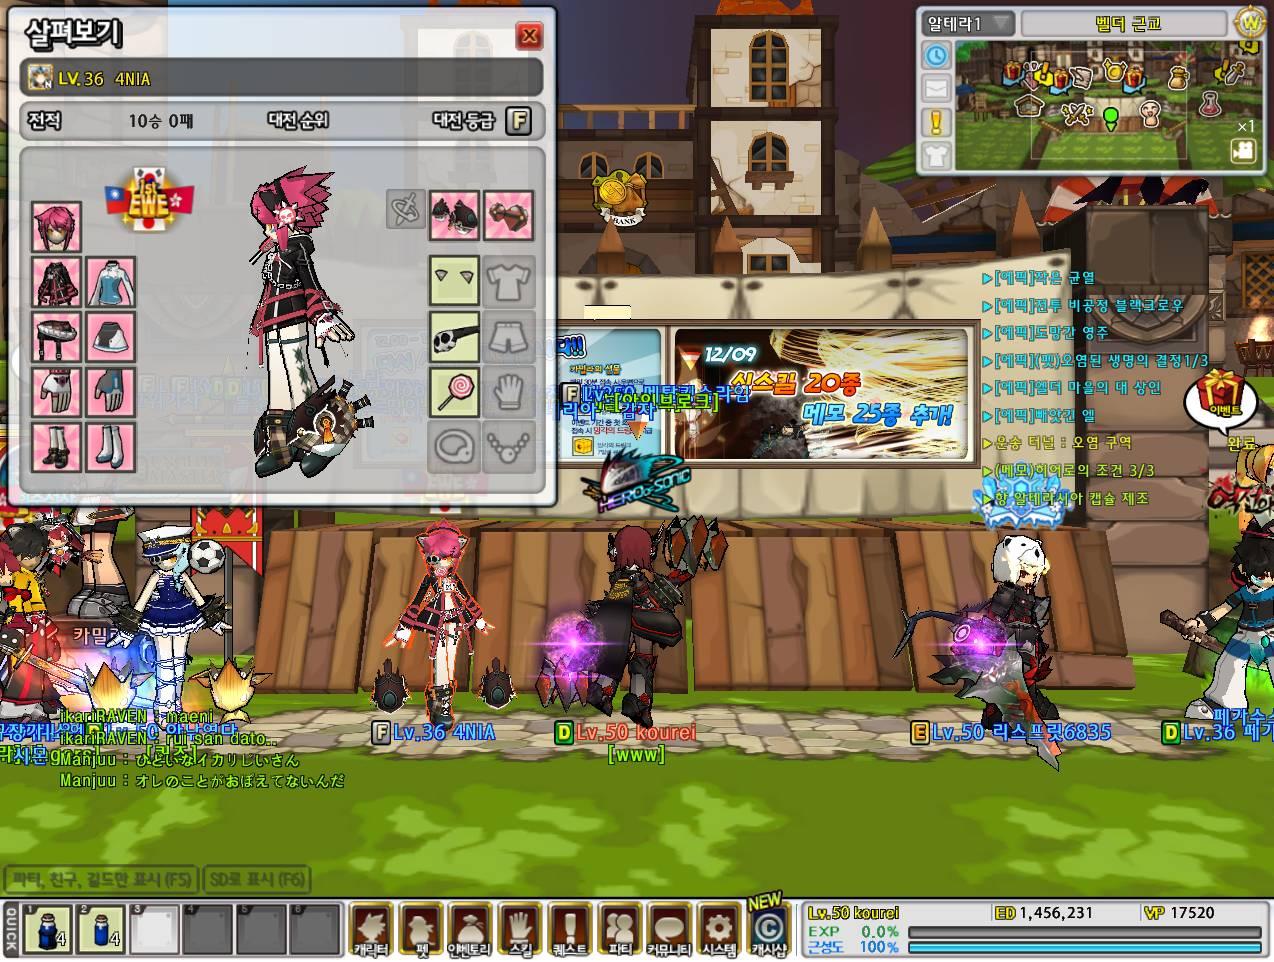 SC_2010_12_9_11_44_27_.jpg